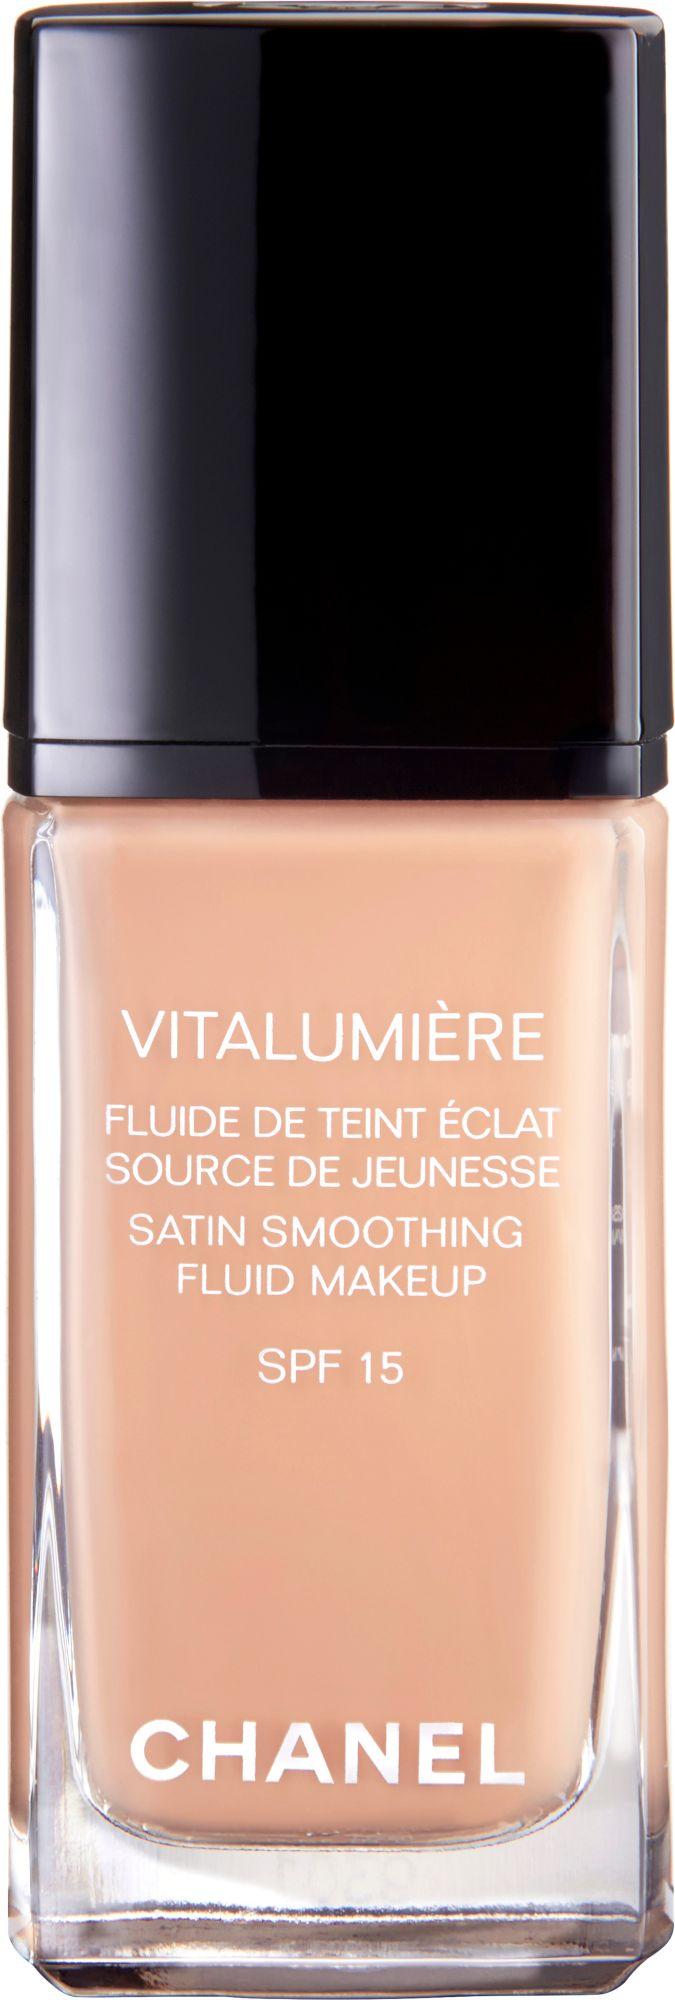 CHANEL Chanel, »Vitalumière Fluide«, Fluid-Make-up